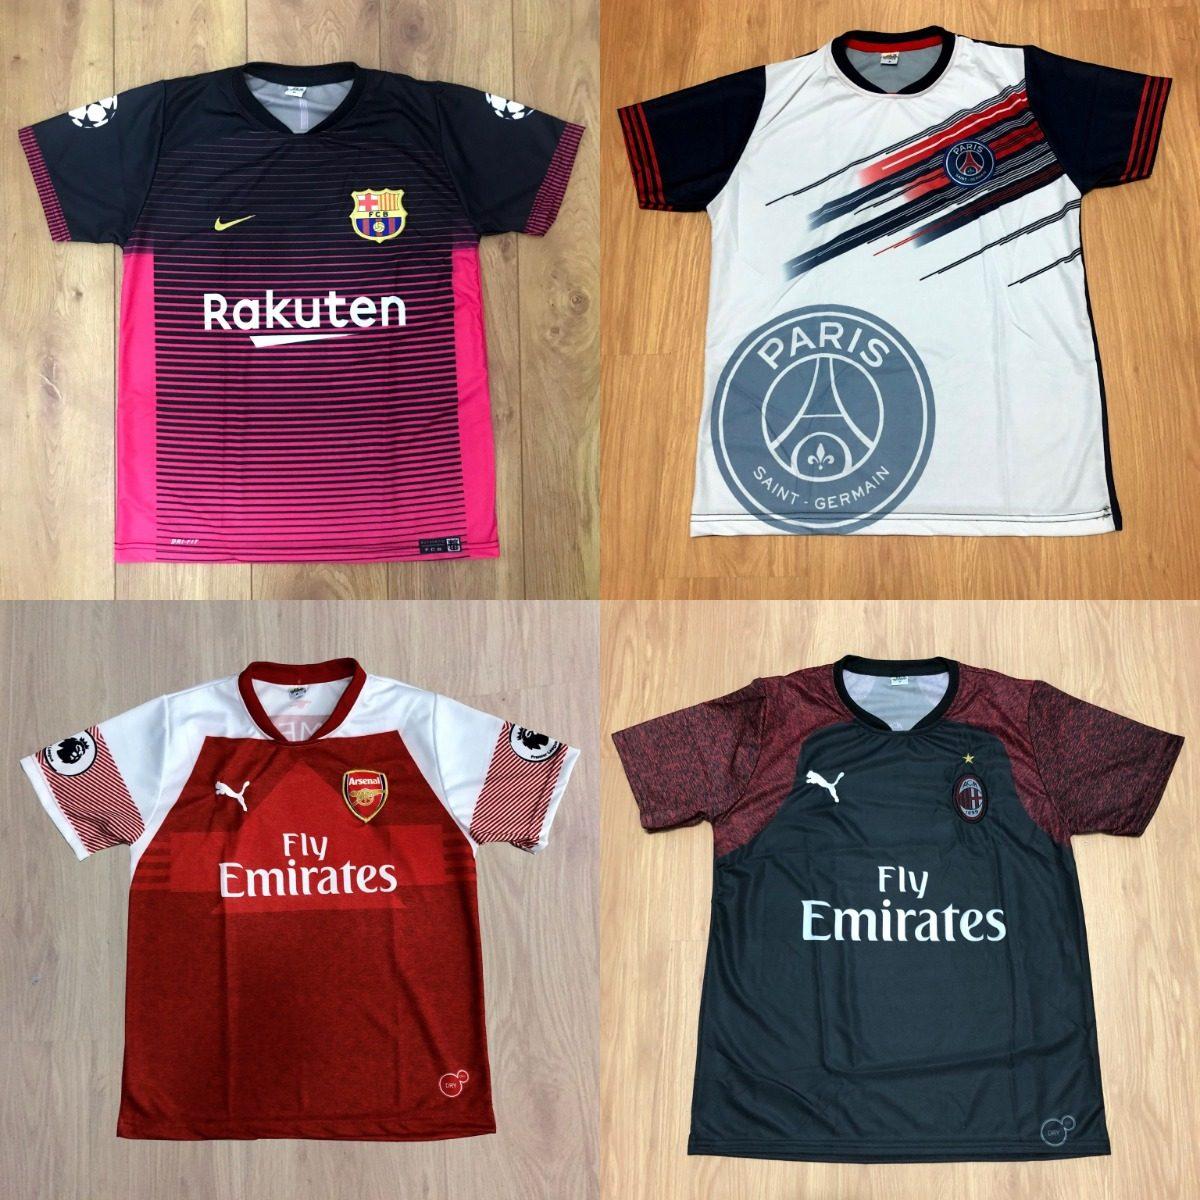 5 Camisetas De Time Futebol 100 Modelos Barato 2018 Camisas - R  127 ... 896cd680a3618